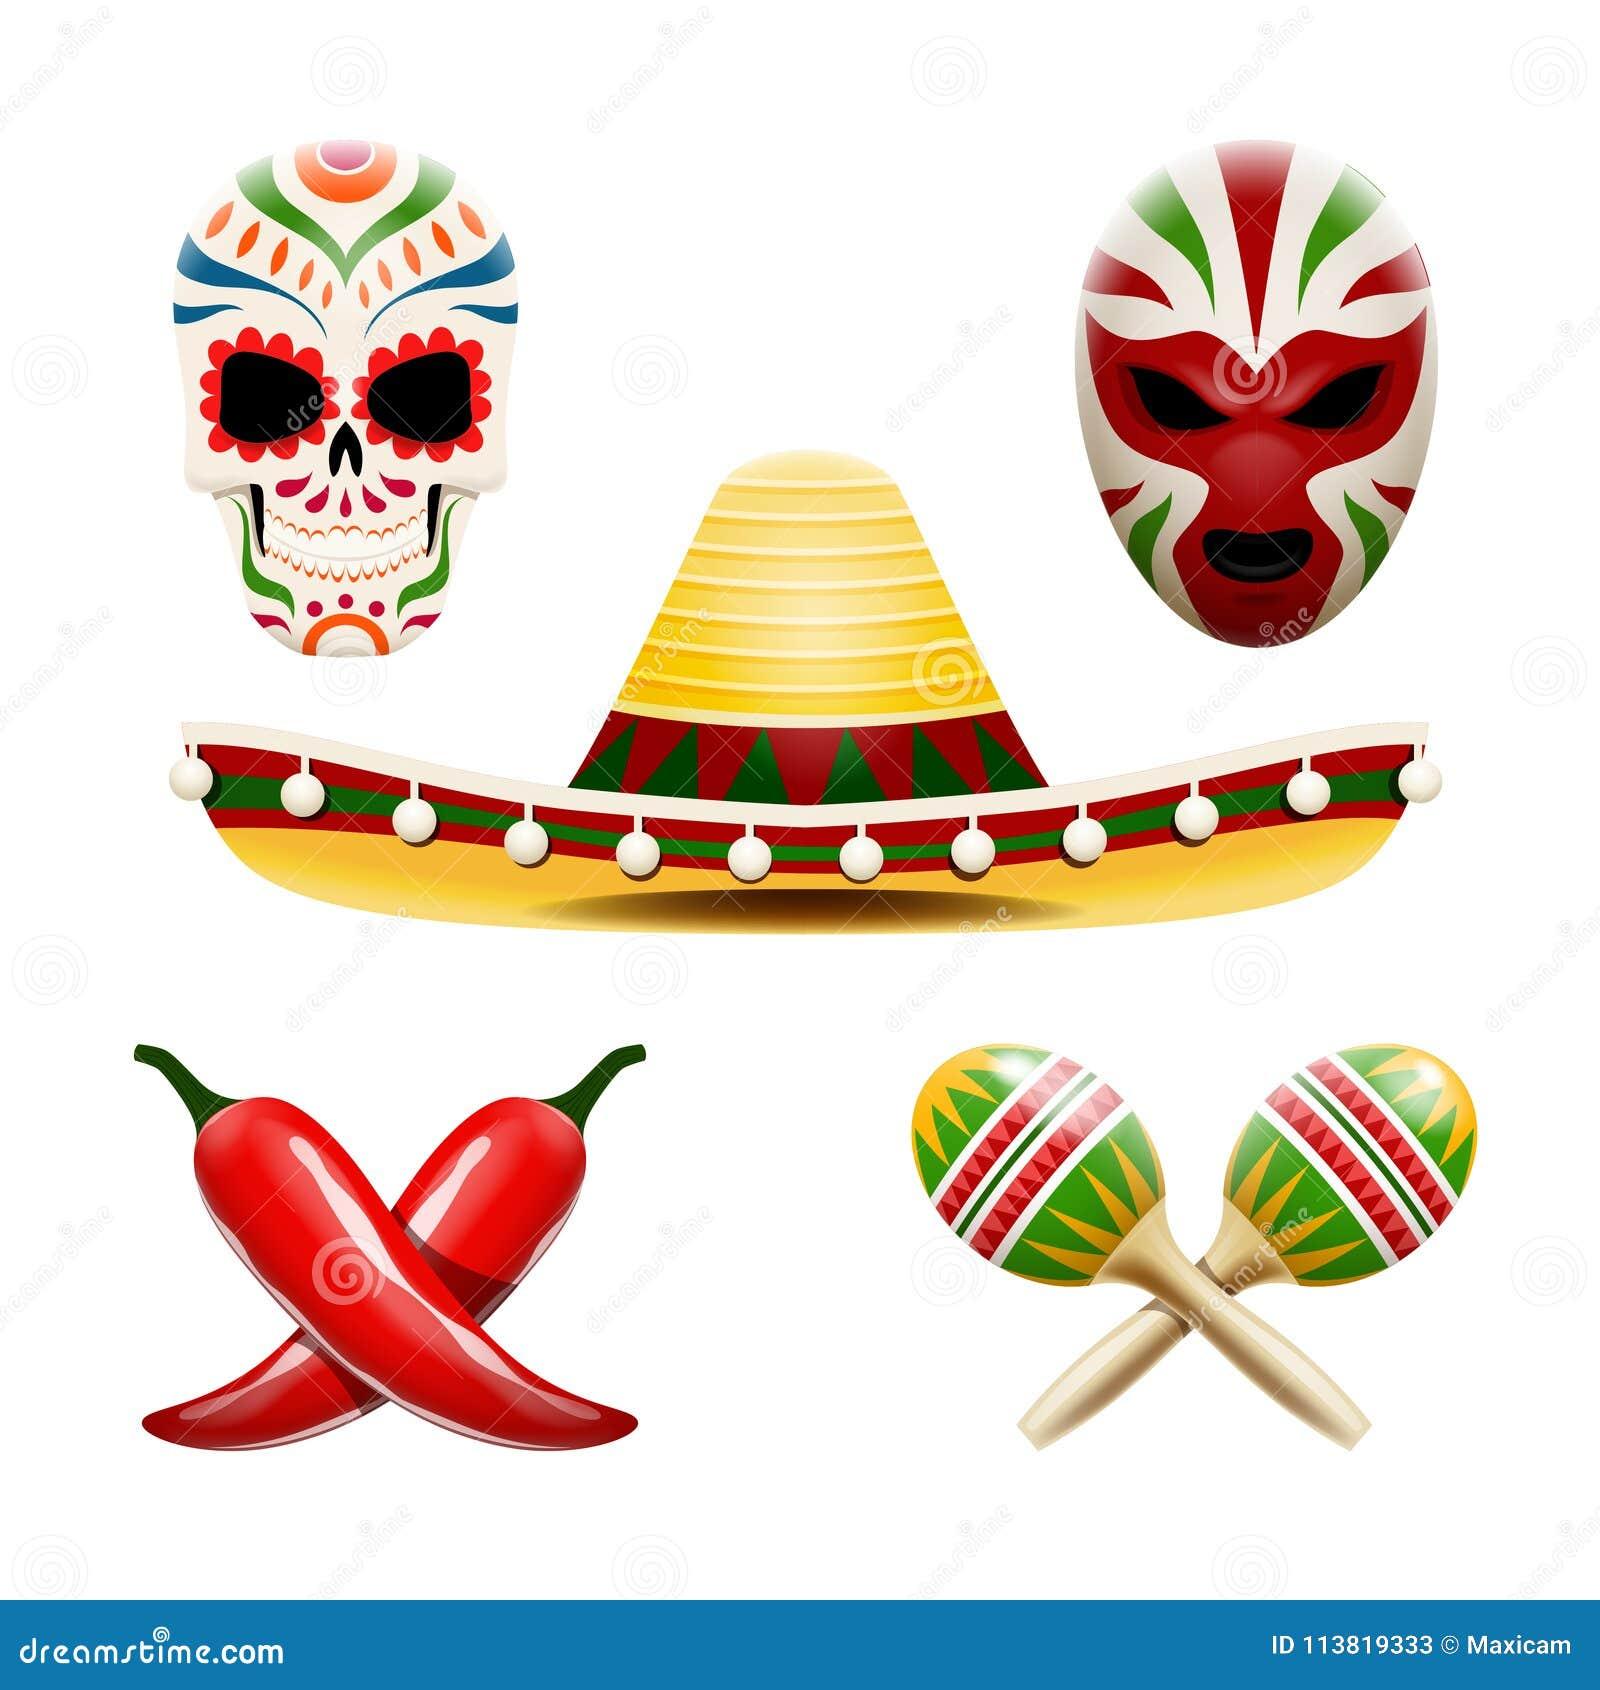 Vektorsatz mexikanische Symbole wie Sombrero, maracas, Paprikapfeffer, Zuckerschädel calavera und Ringkämpfermaske